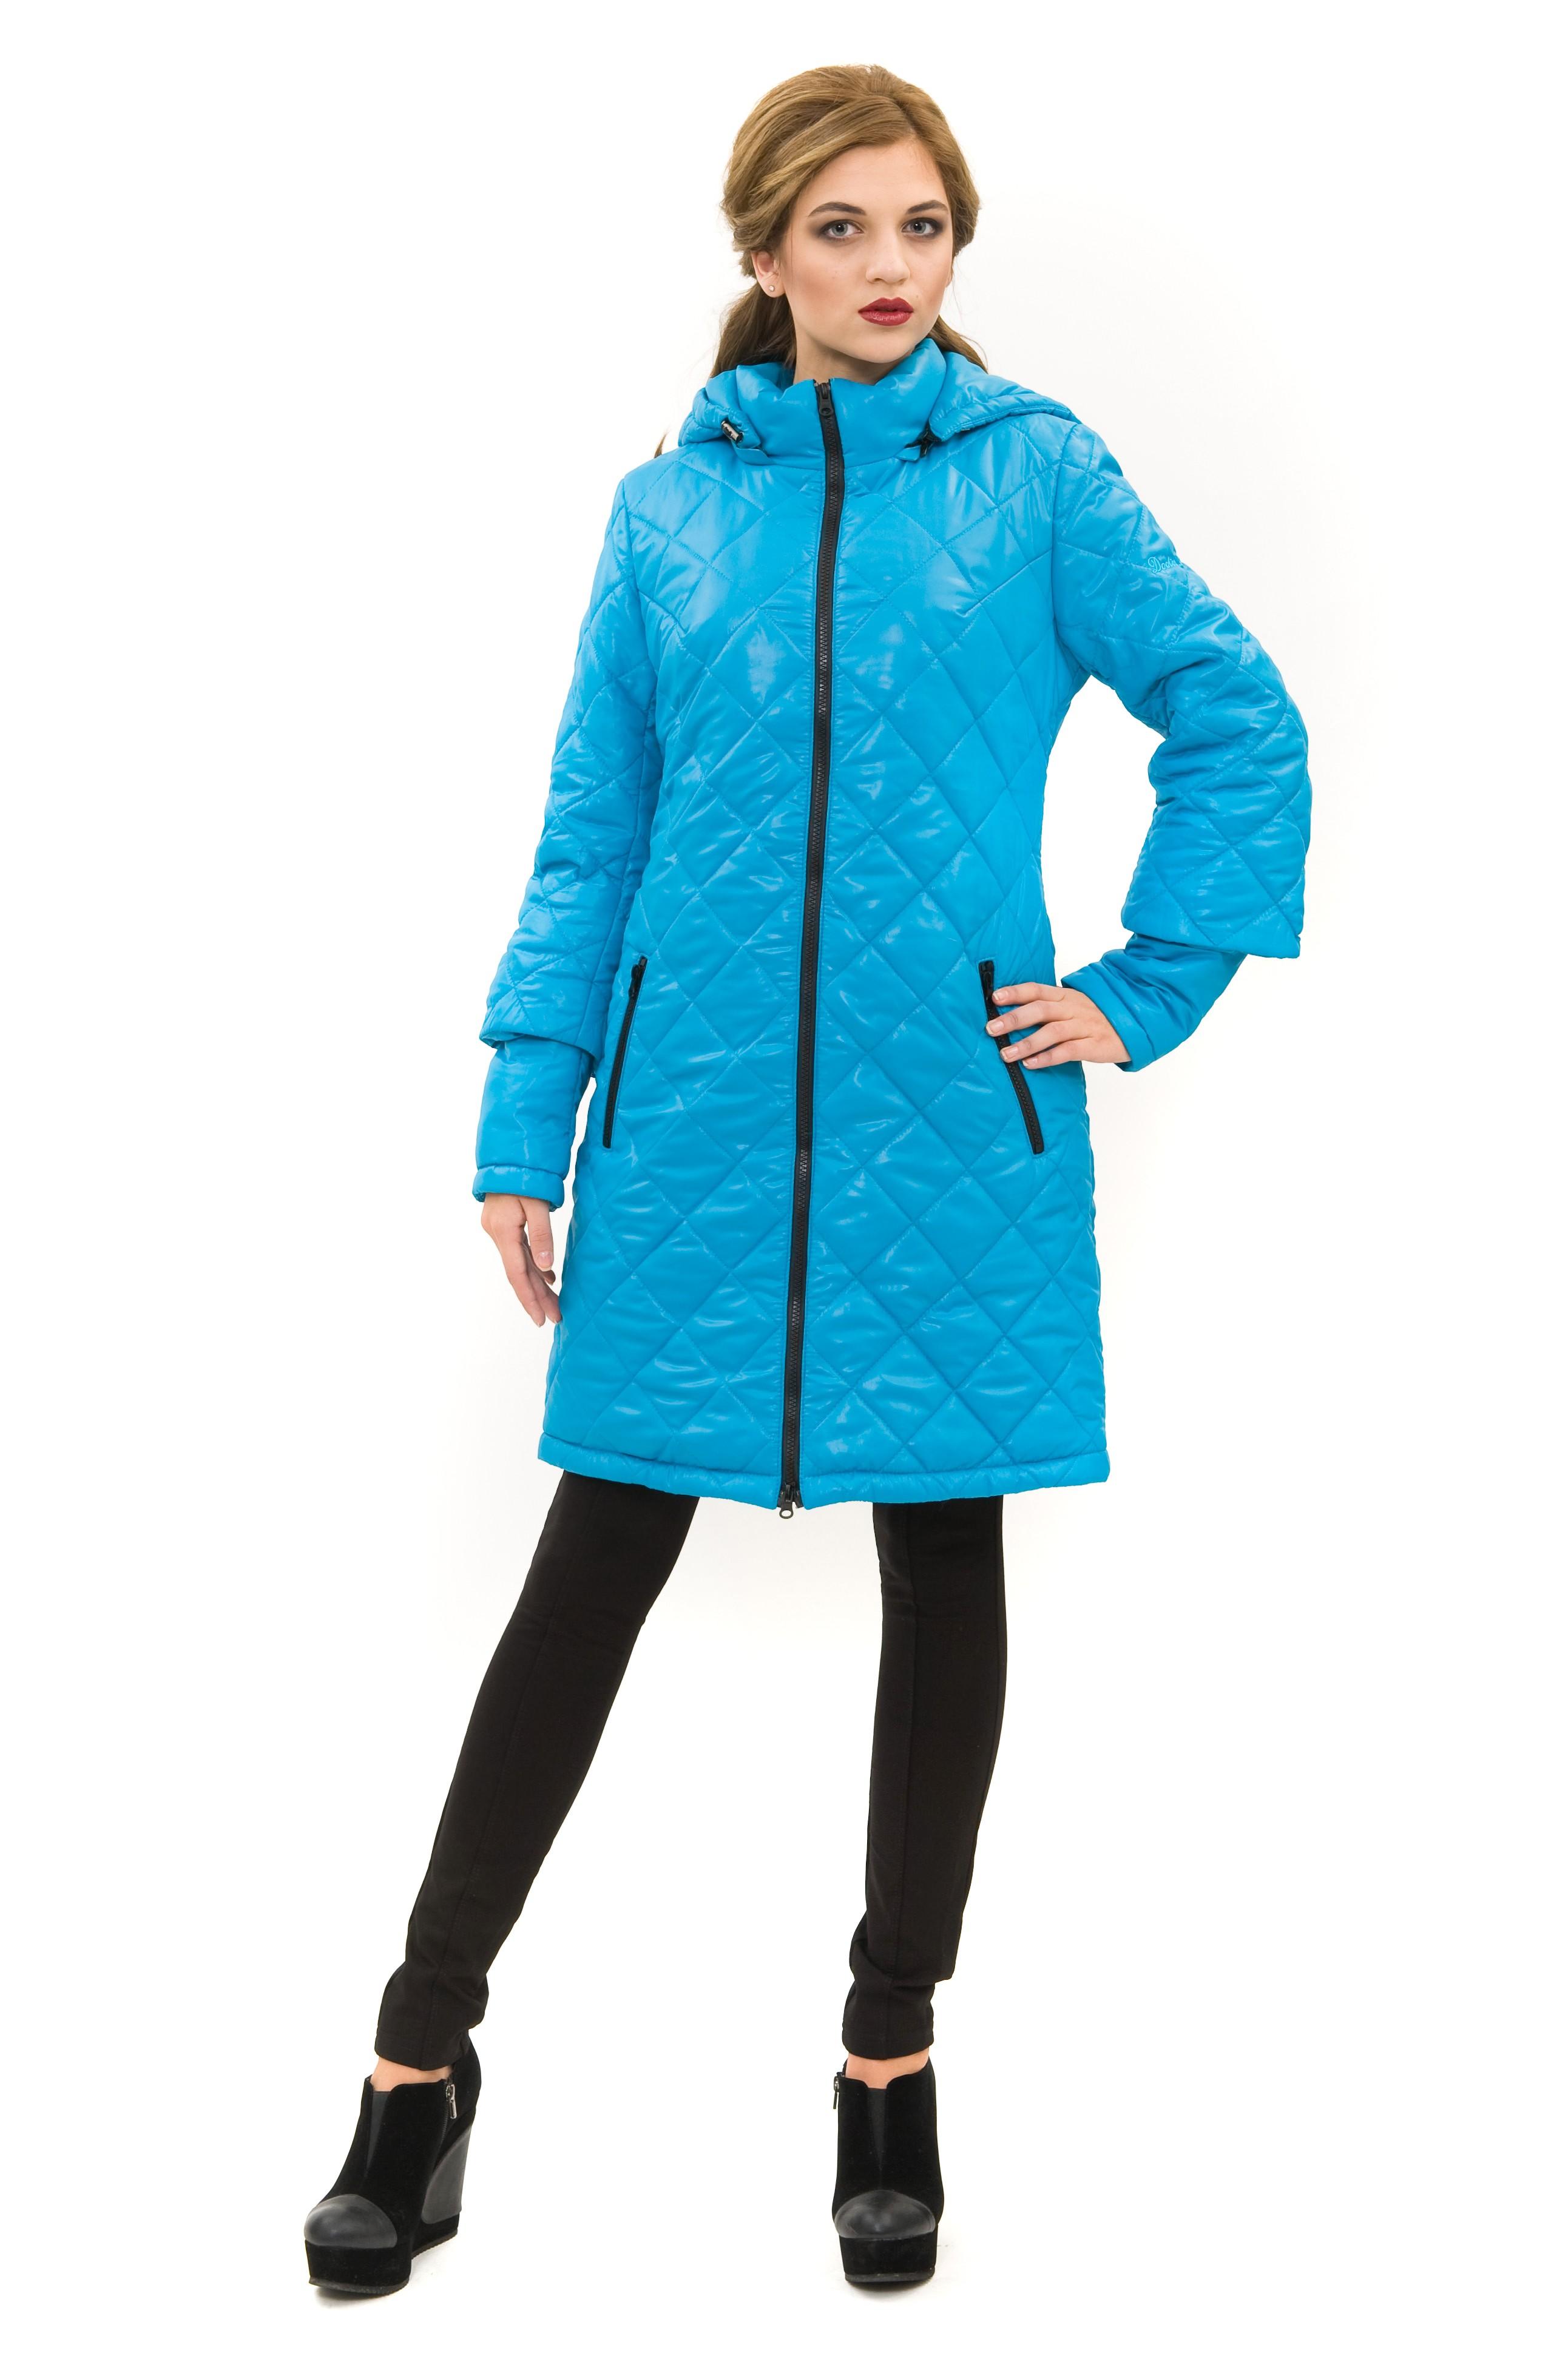 ПальтоЗимние куртки, пальто, пуховики<br>Стильное пальто согреет в холодные дни. Модель с воротником-стойкой и длинными рукавами имеет застежку на молнию. Изделие дополнено удобными карманами. Отличный осенний вариант.<br><br>Цвет: бирюзовый<br>Состав: 100%полиэстер, подкладка-100%полиэстер, утеплитель - термофин 200г<br>Размер: 42,44,52,54,56,58,60<br>Страна дизайна: Россия<br>Страна производства: Россия